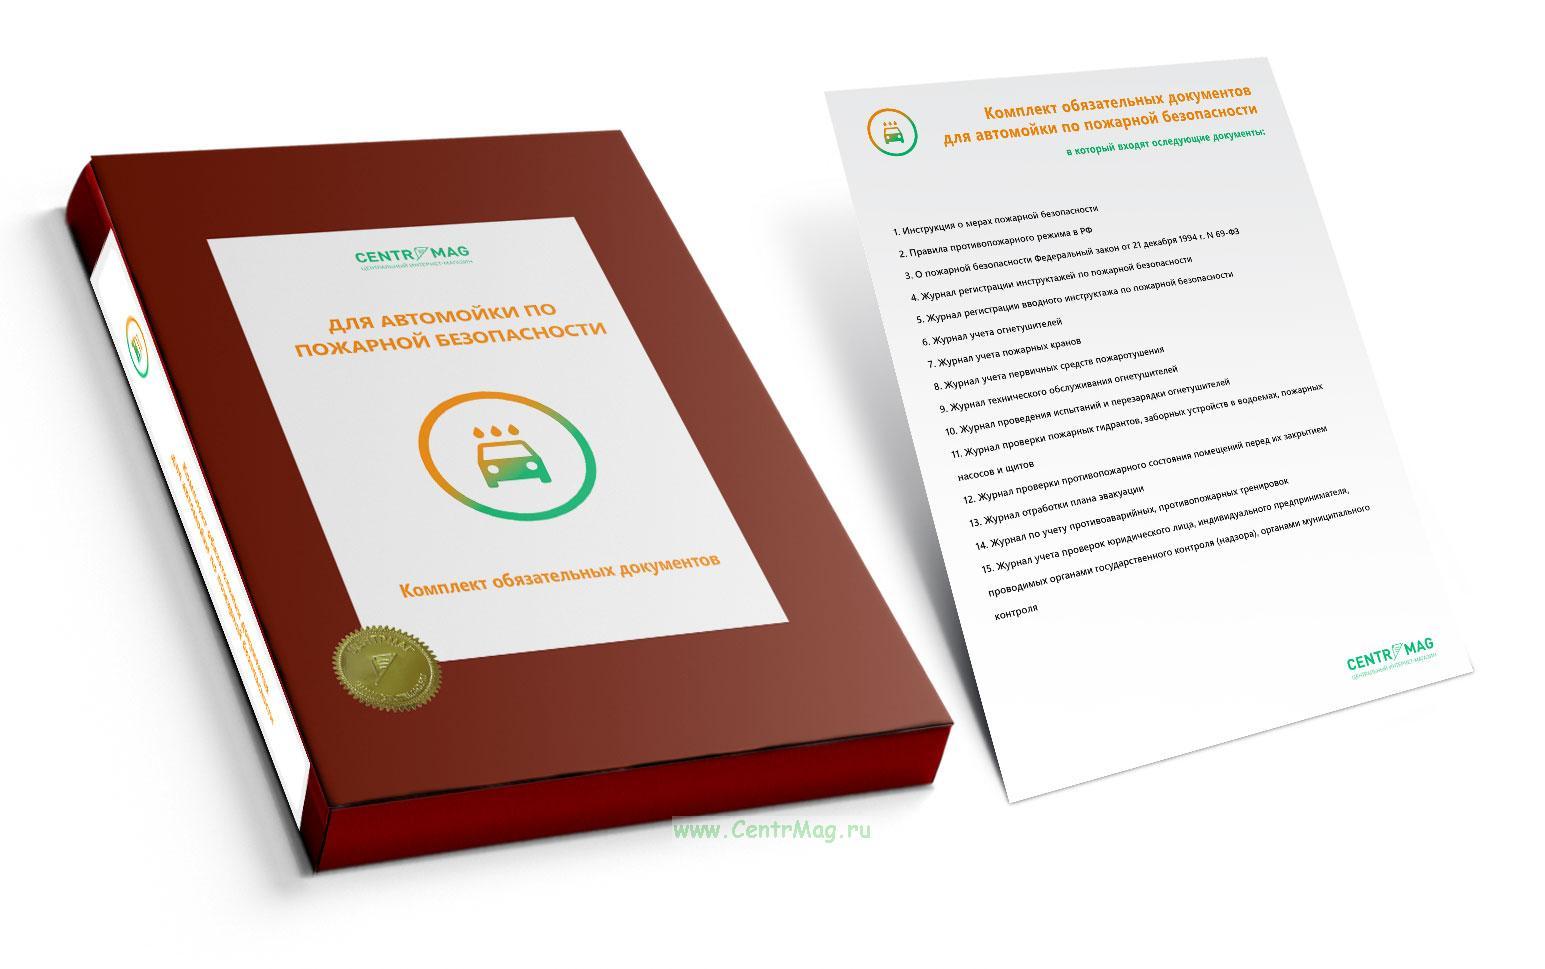 Комплект обязательных документов для автомойки по пожарной безопасности